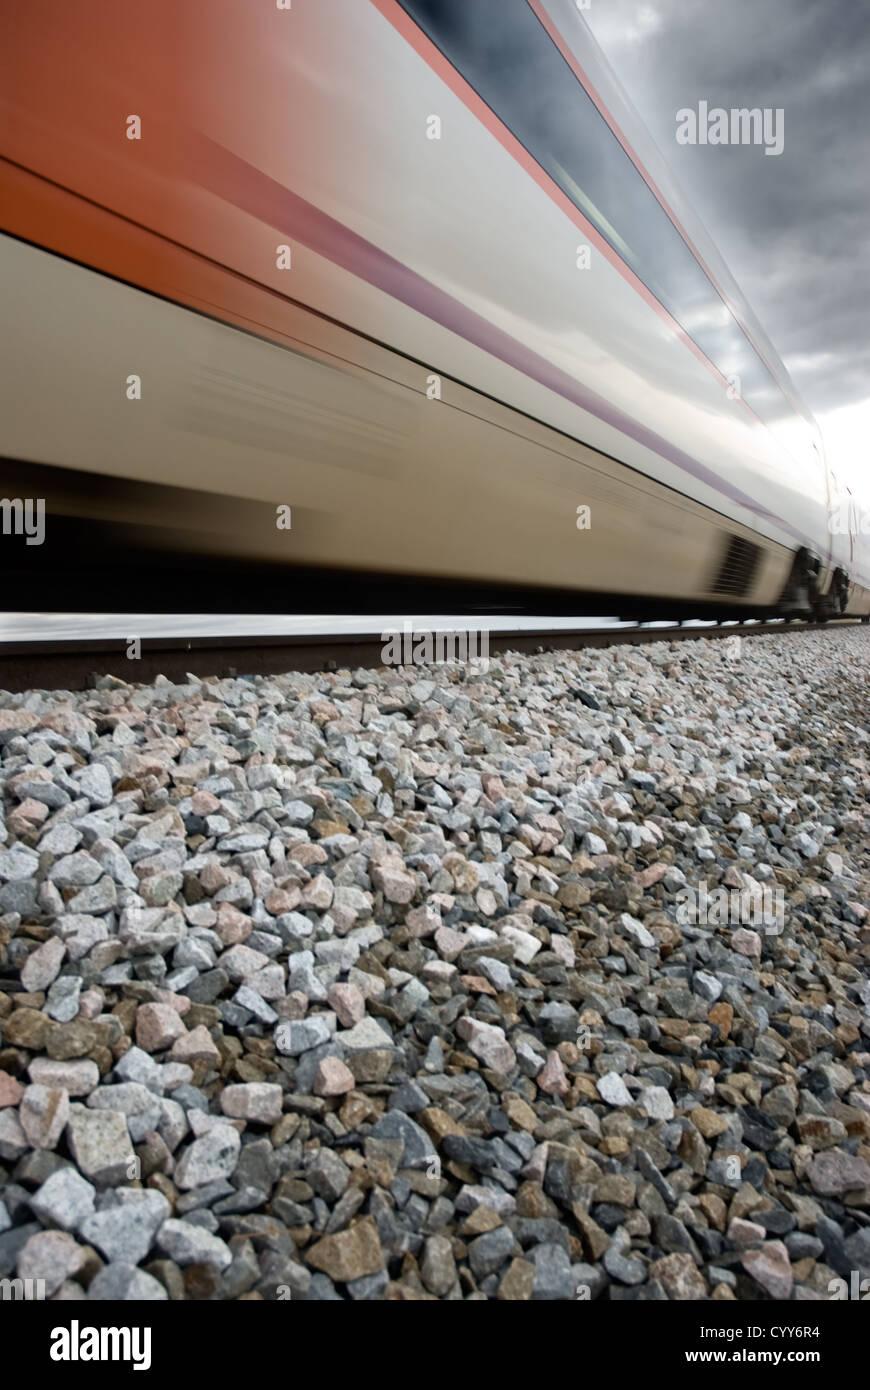 Ein Zug in Bewegung. Geschwindigkeitssymbol Stockbild